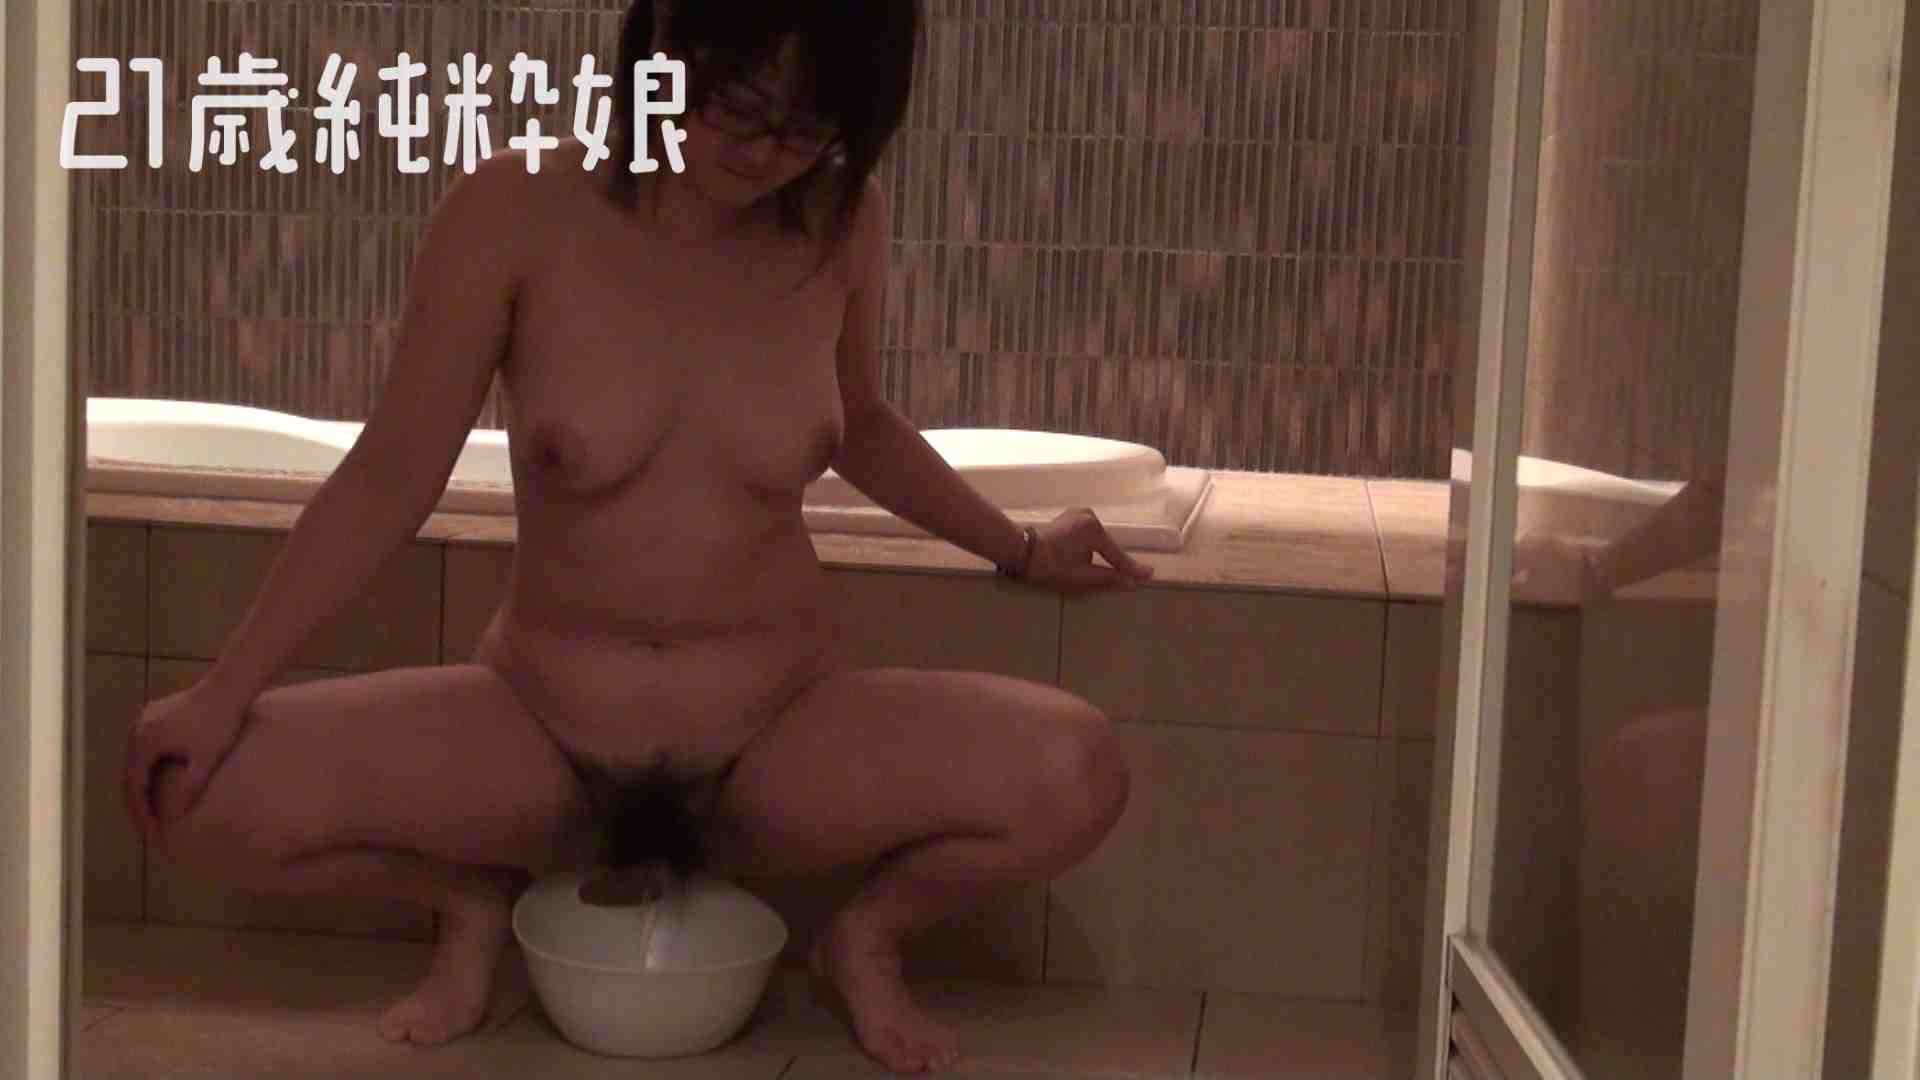 Gカップ21歳純粋嬢第2弾Vol.5 一般投稿  77pic 3